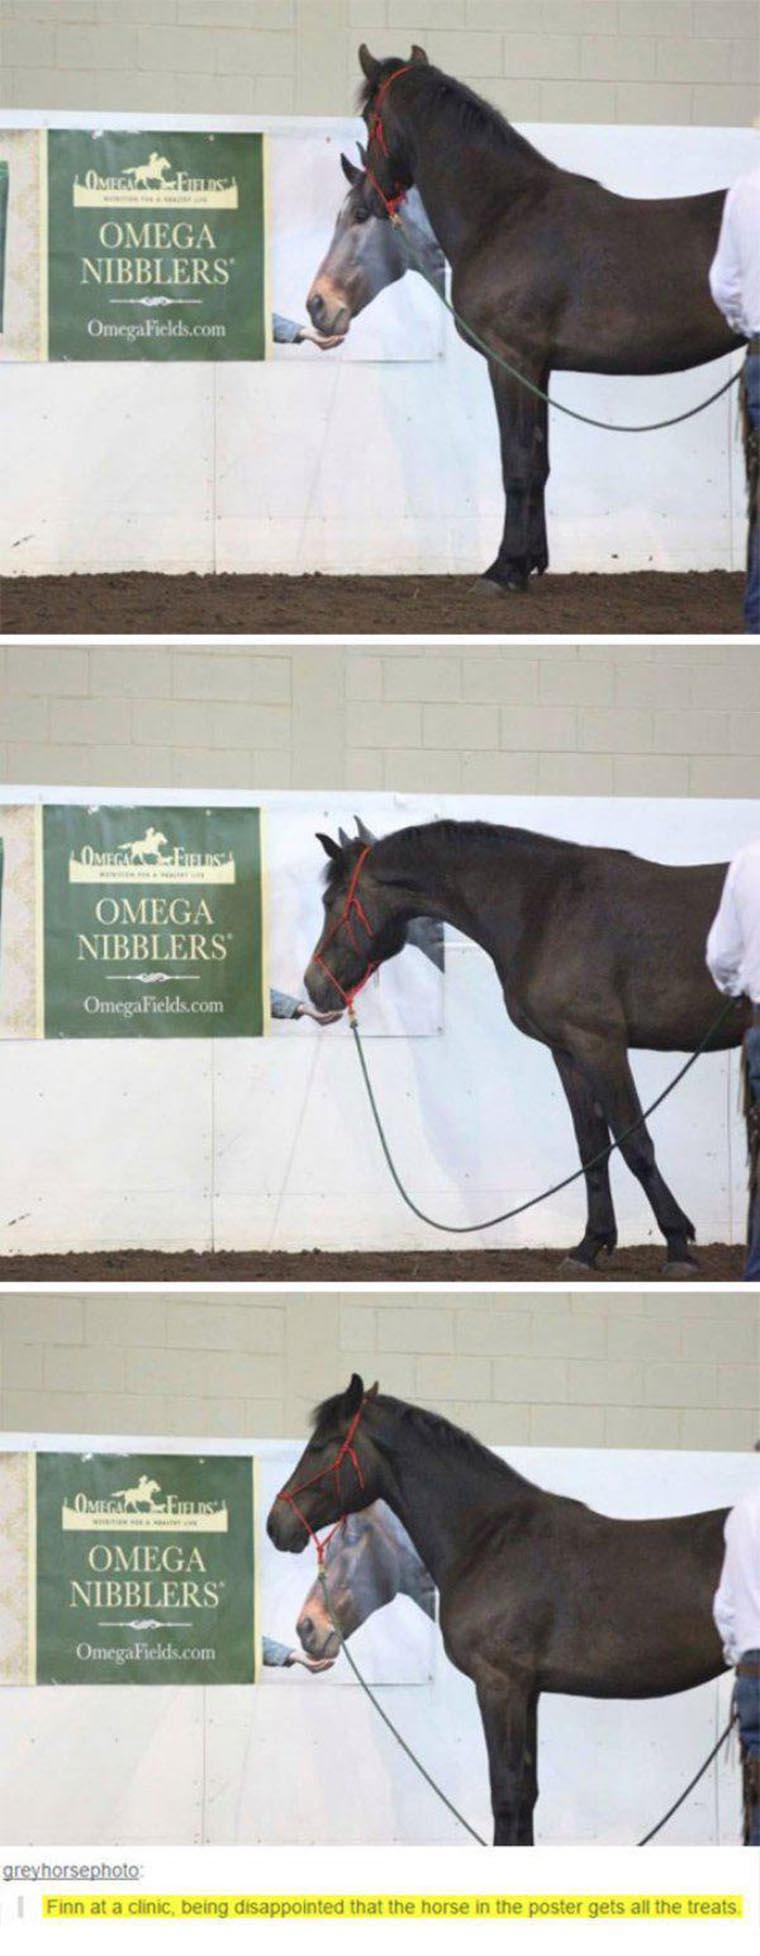 un cheval se fait avoir avec une publicite